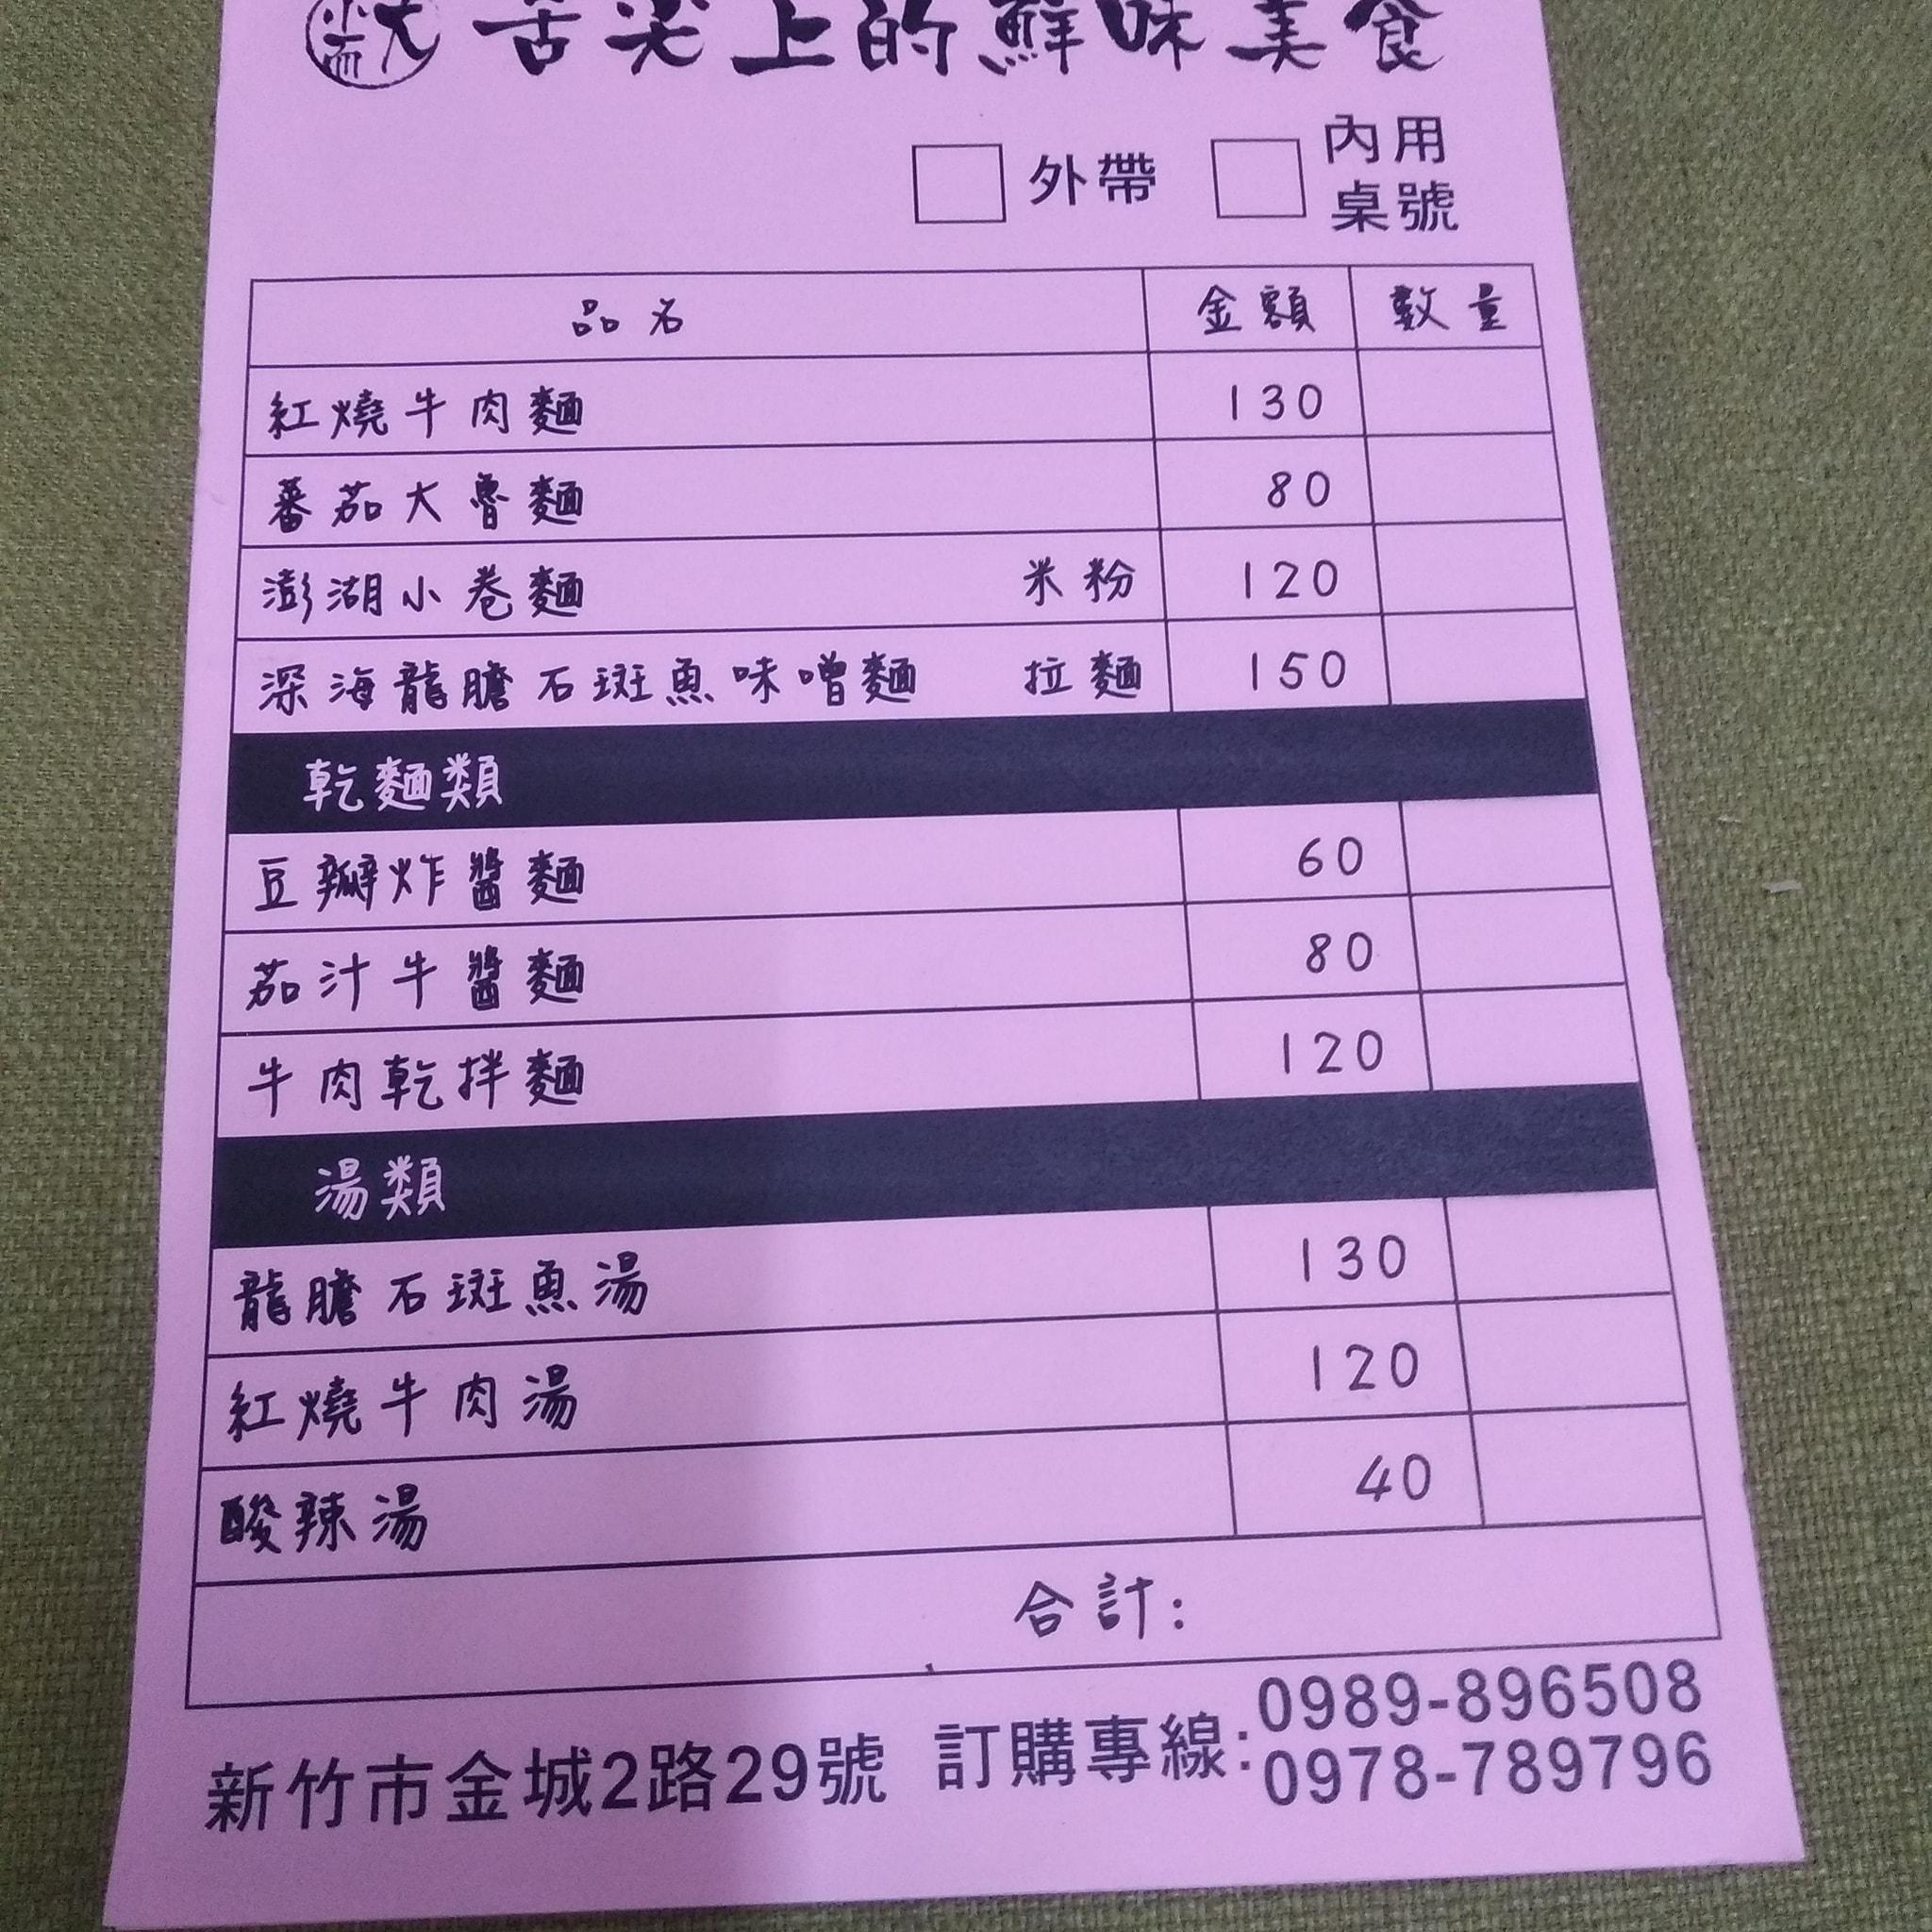 新竹防疫外送懶人包、外帶優惠統整!新竹三百間美食餐飲店家防疫優惠,持續更新中